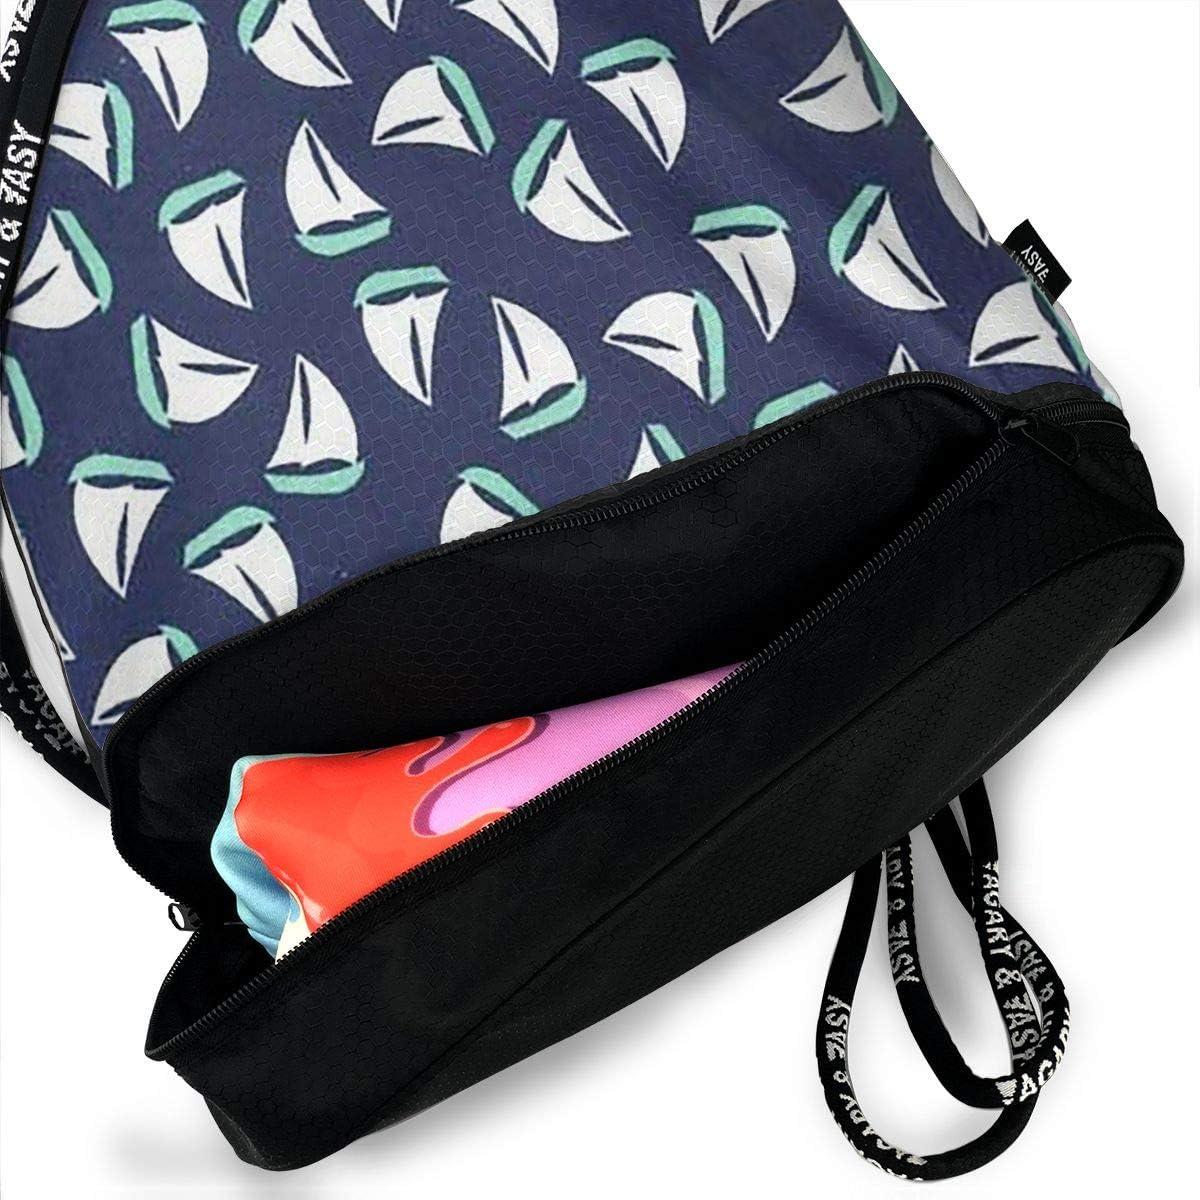 HUOPR5Q Cute Owl Drawstring Backpack Sport Gym Sack Shoulder Bulk Bag Dance Bag for School Travel